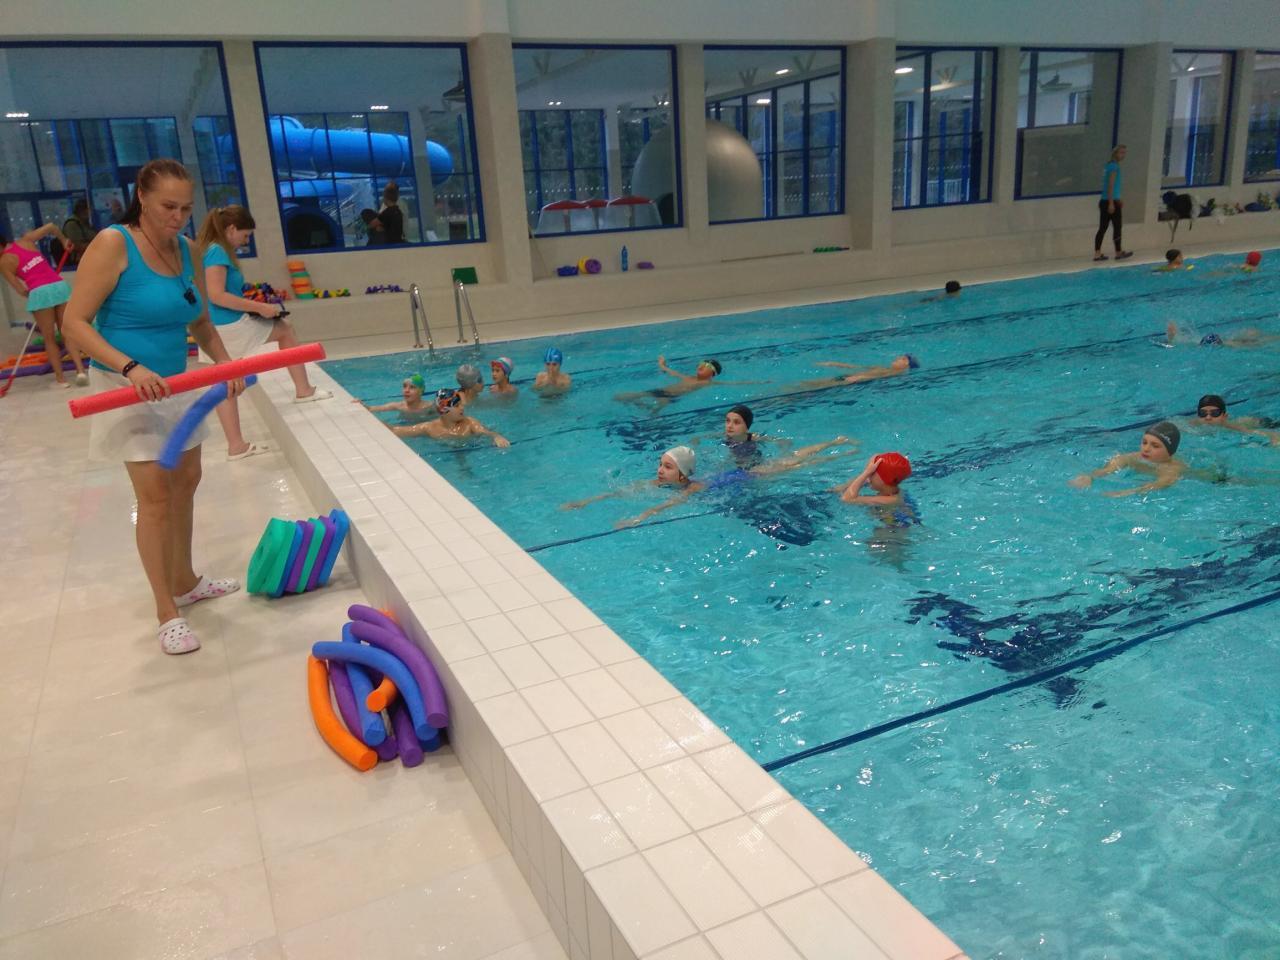 Domažlické aquacentrum otevírá 1. června, první den bude určen hlavně dětem